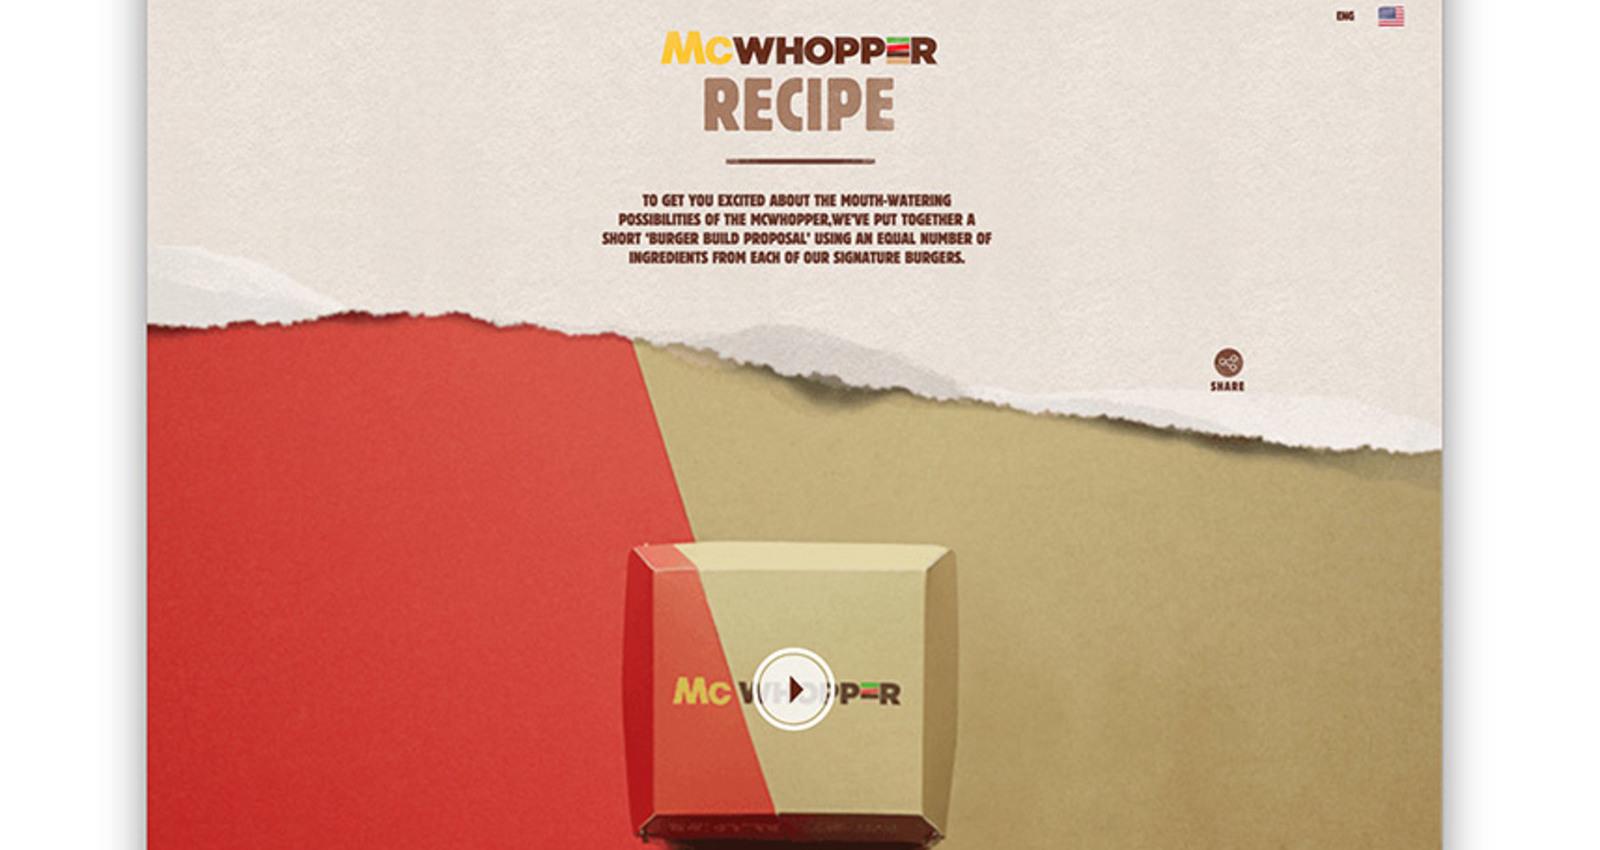 mcwhopper.com